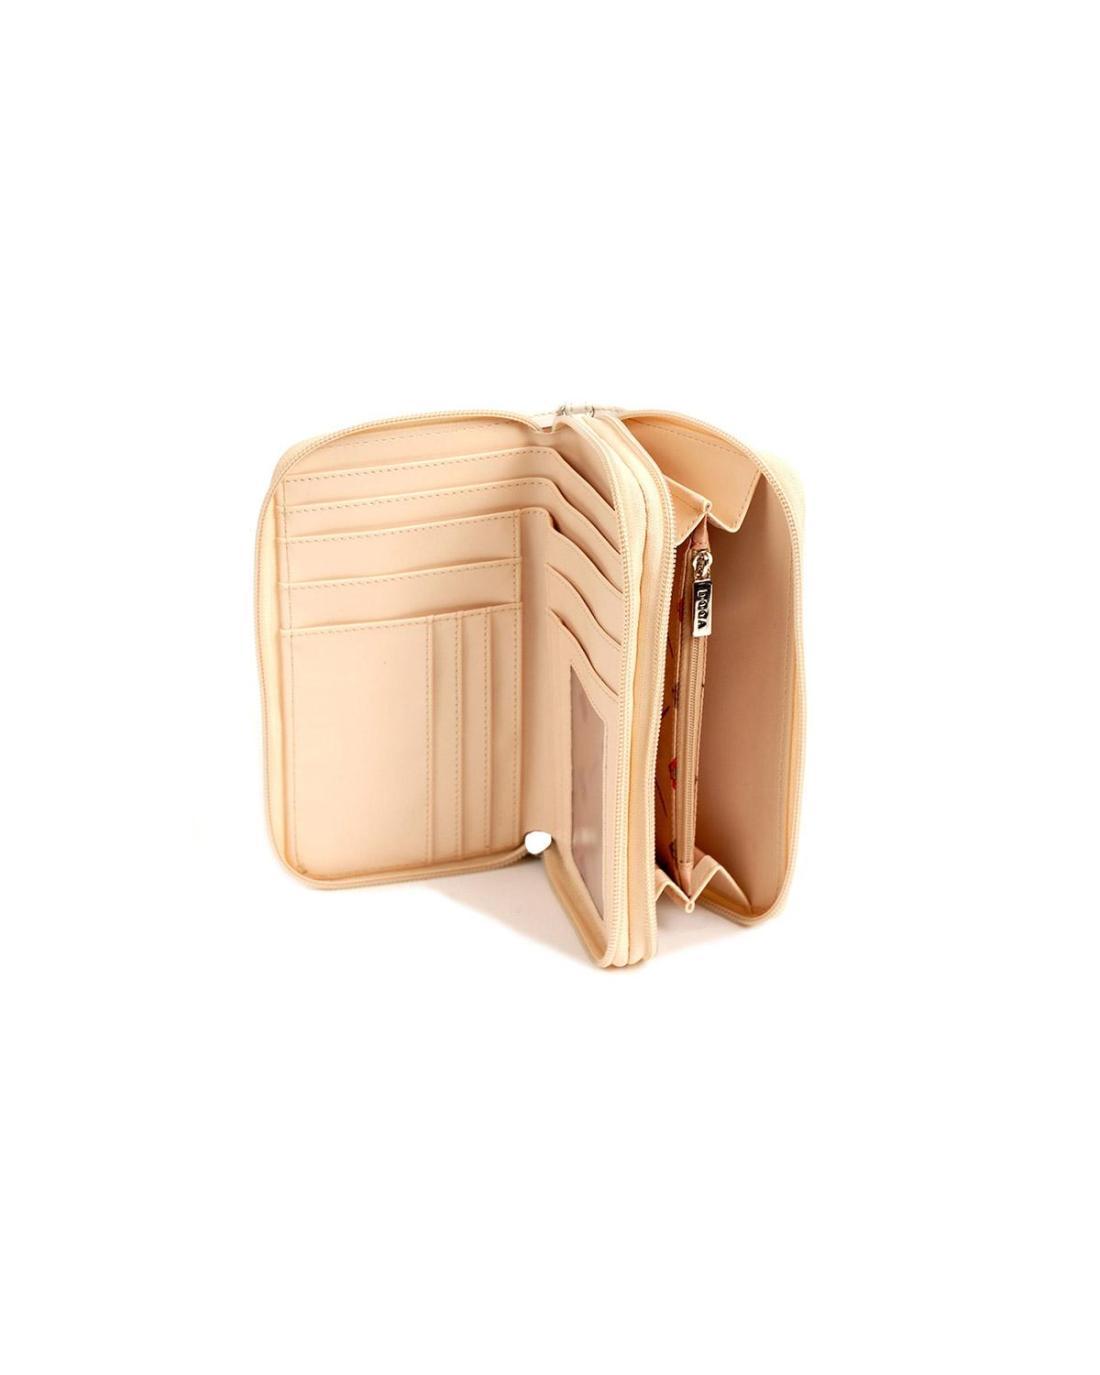 Portemonnaie beige